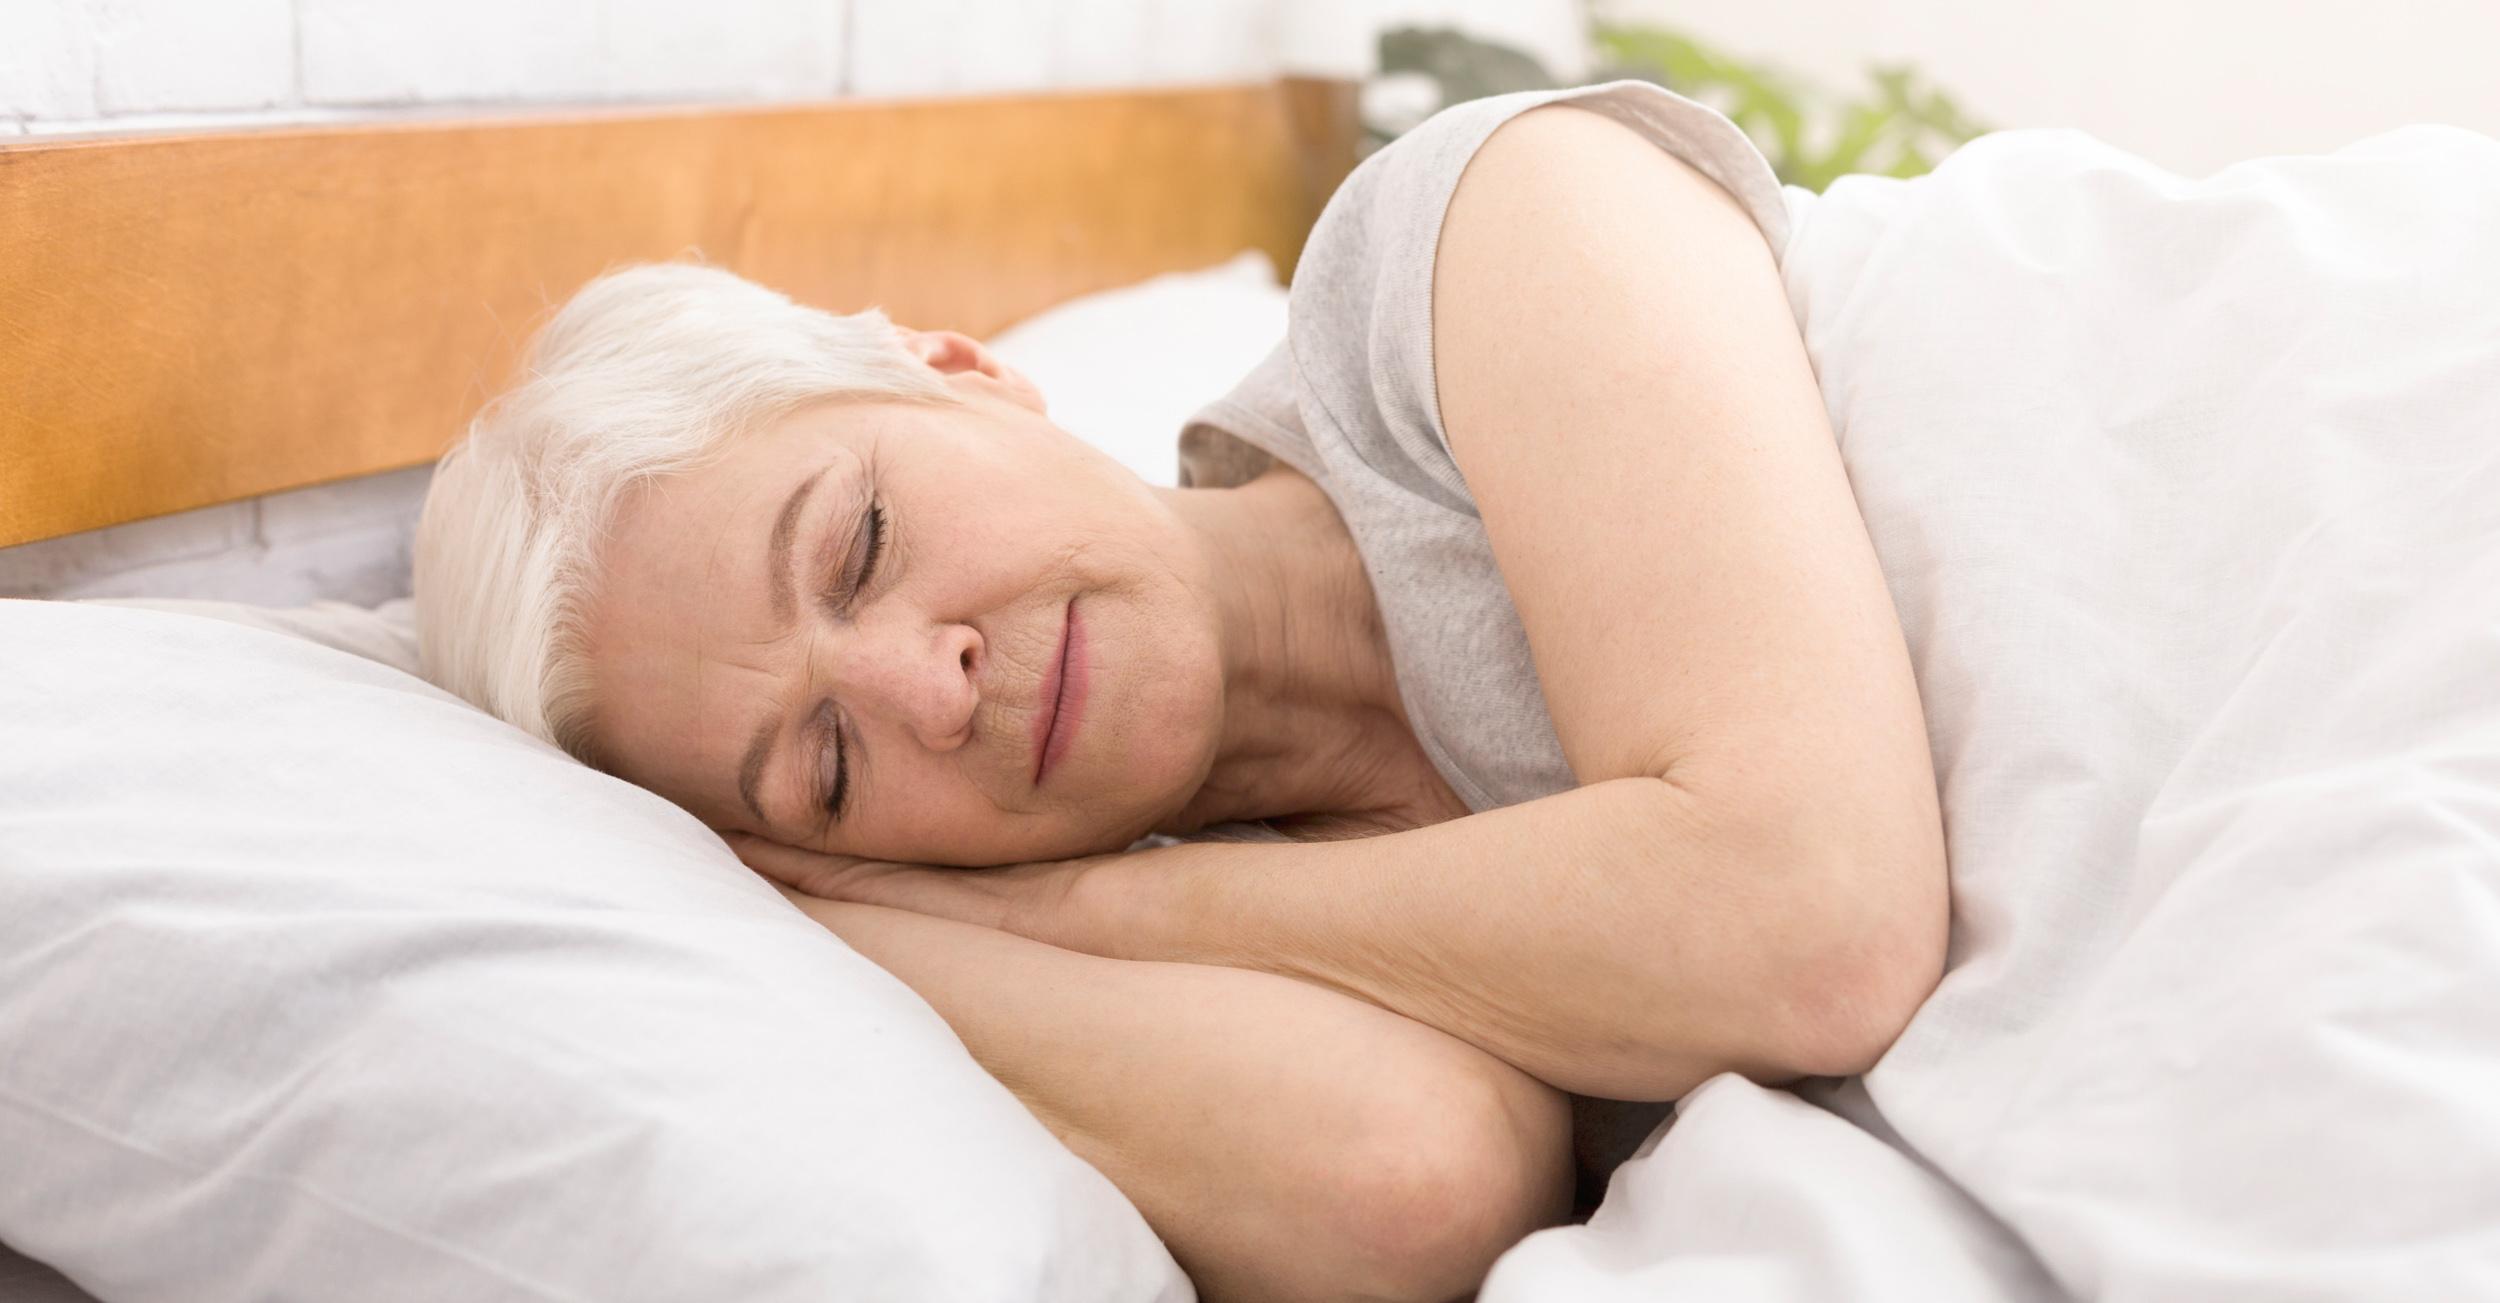 Sleep better when your TMJ or sleep apnea is treated